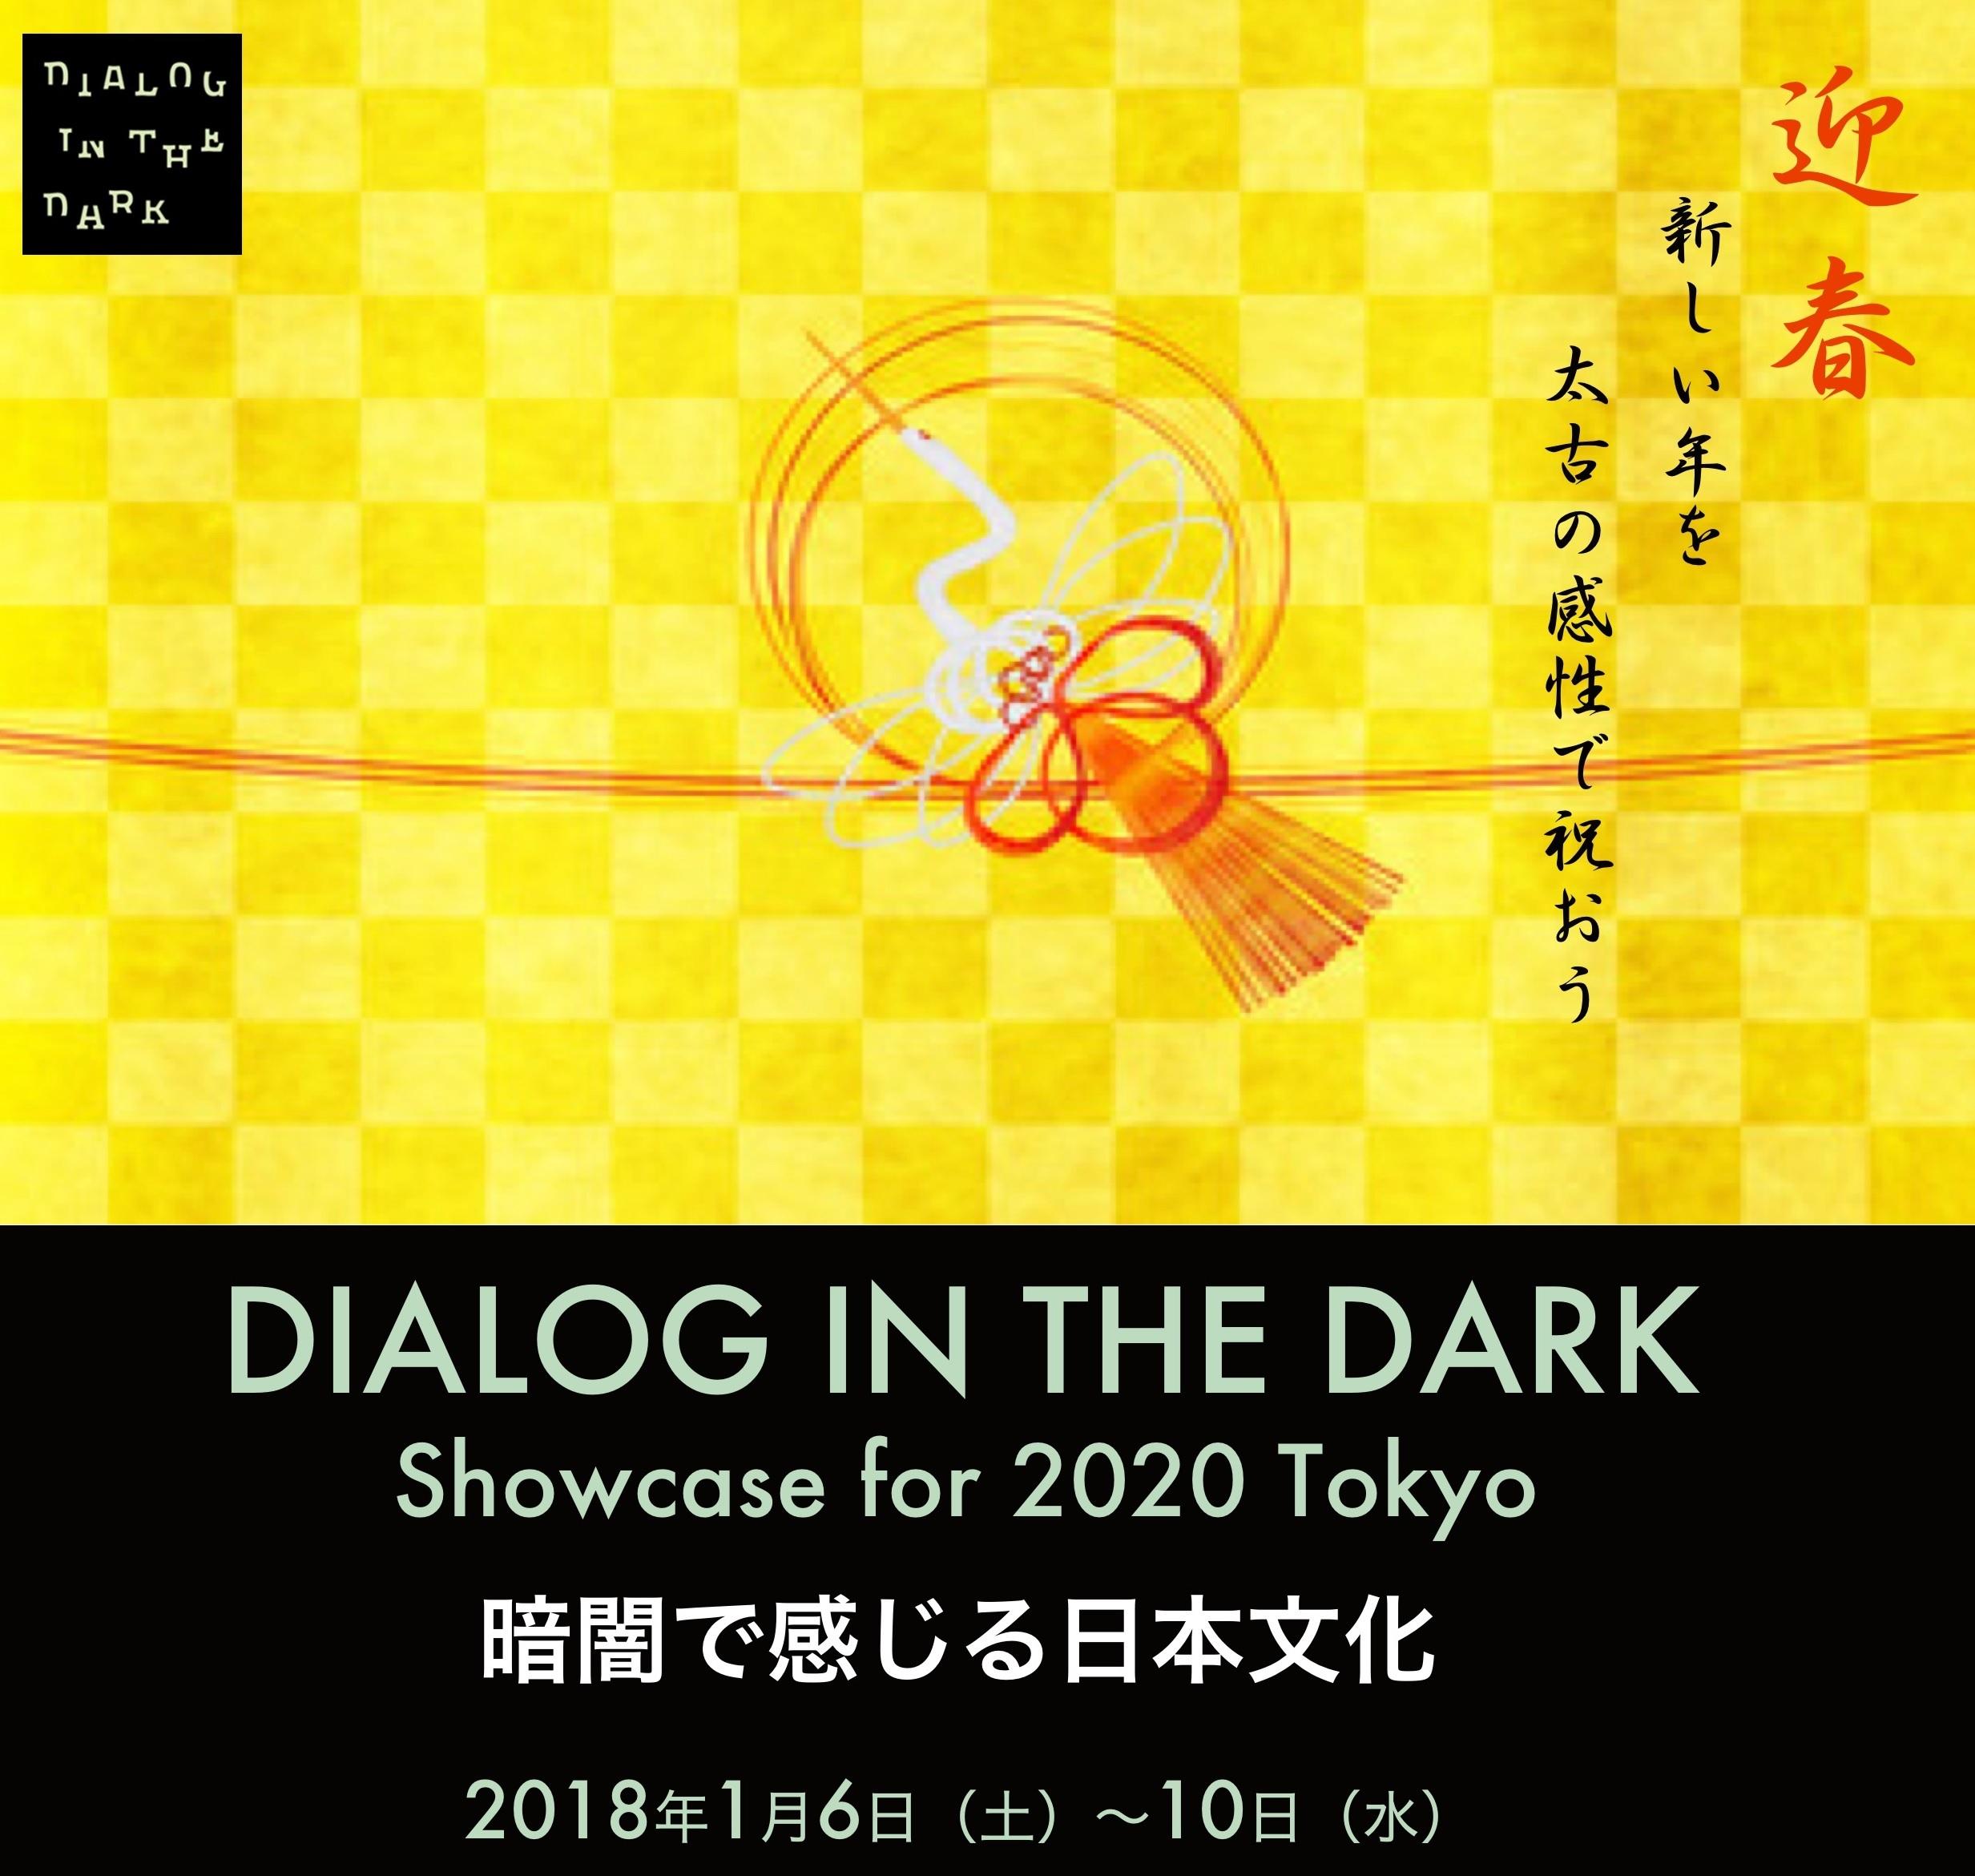 『ダイアログ・イン・ザ・ダーク Showcase for 2020 Tokyo 暗闇で感じる日本文化』